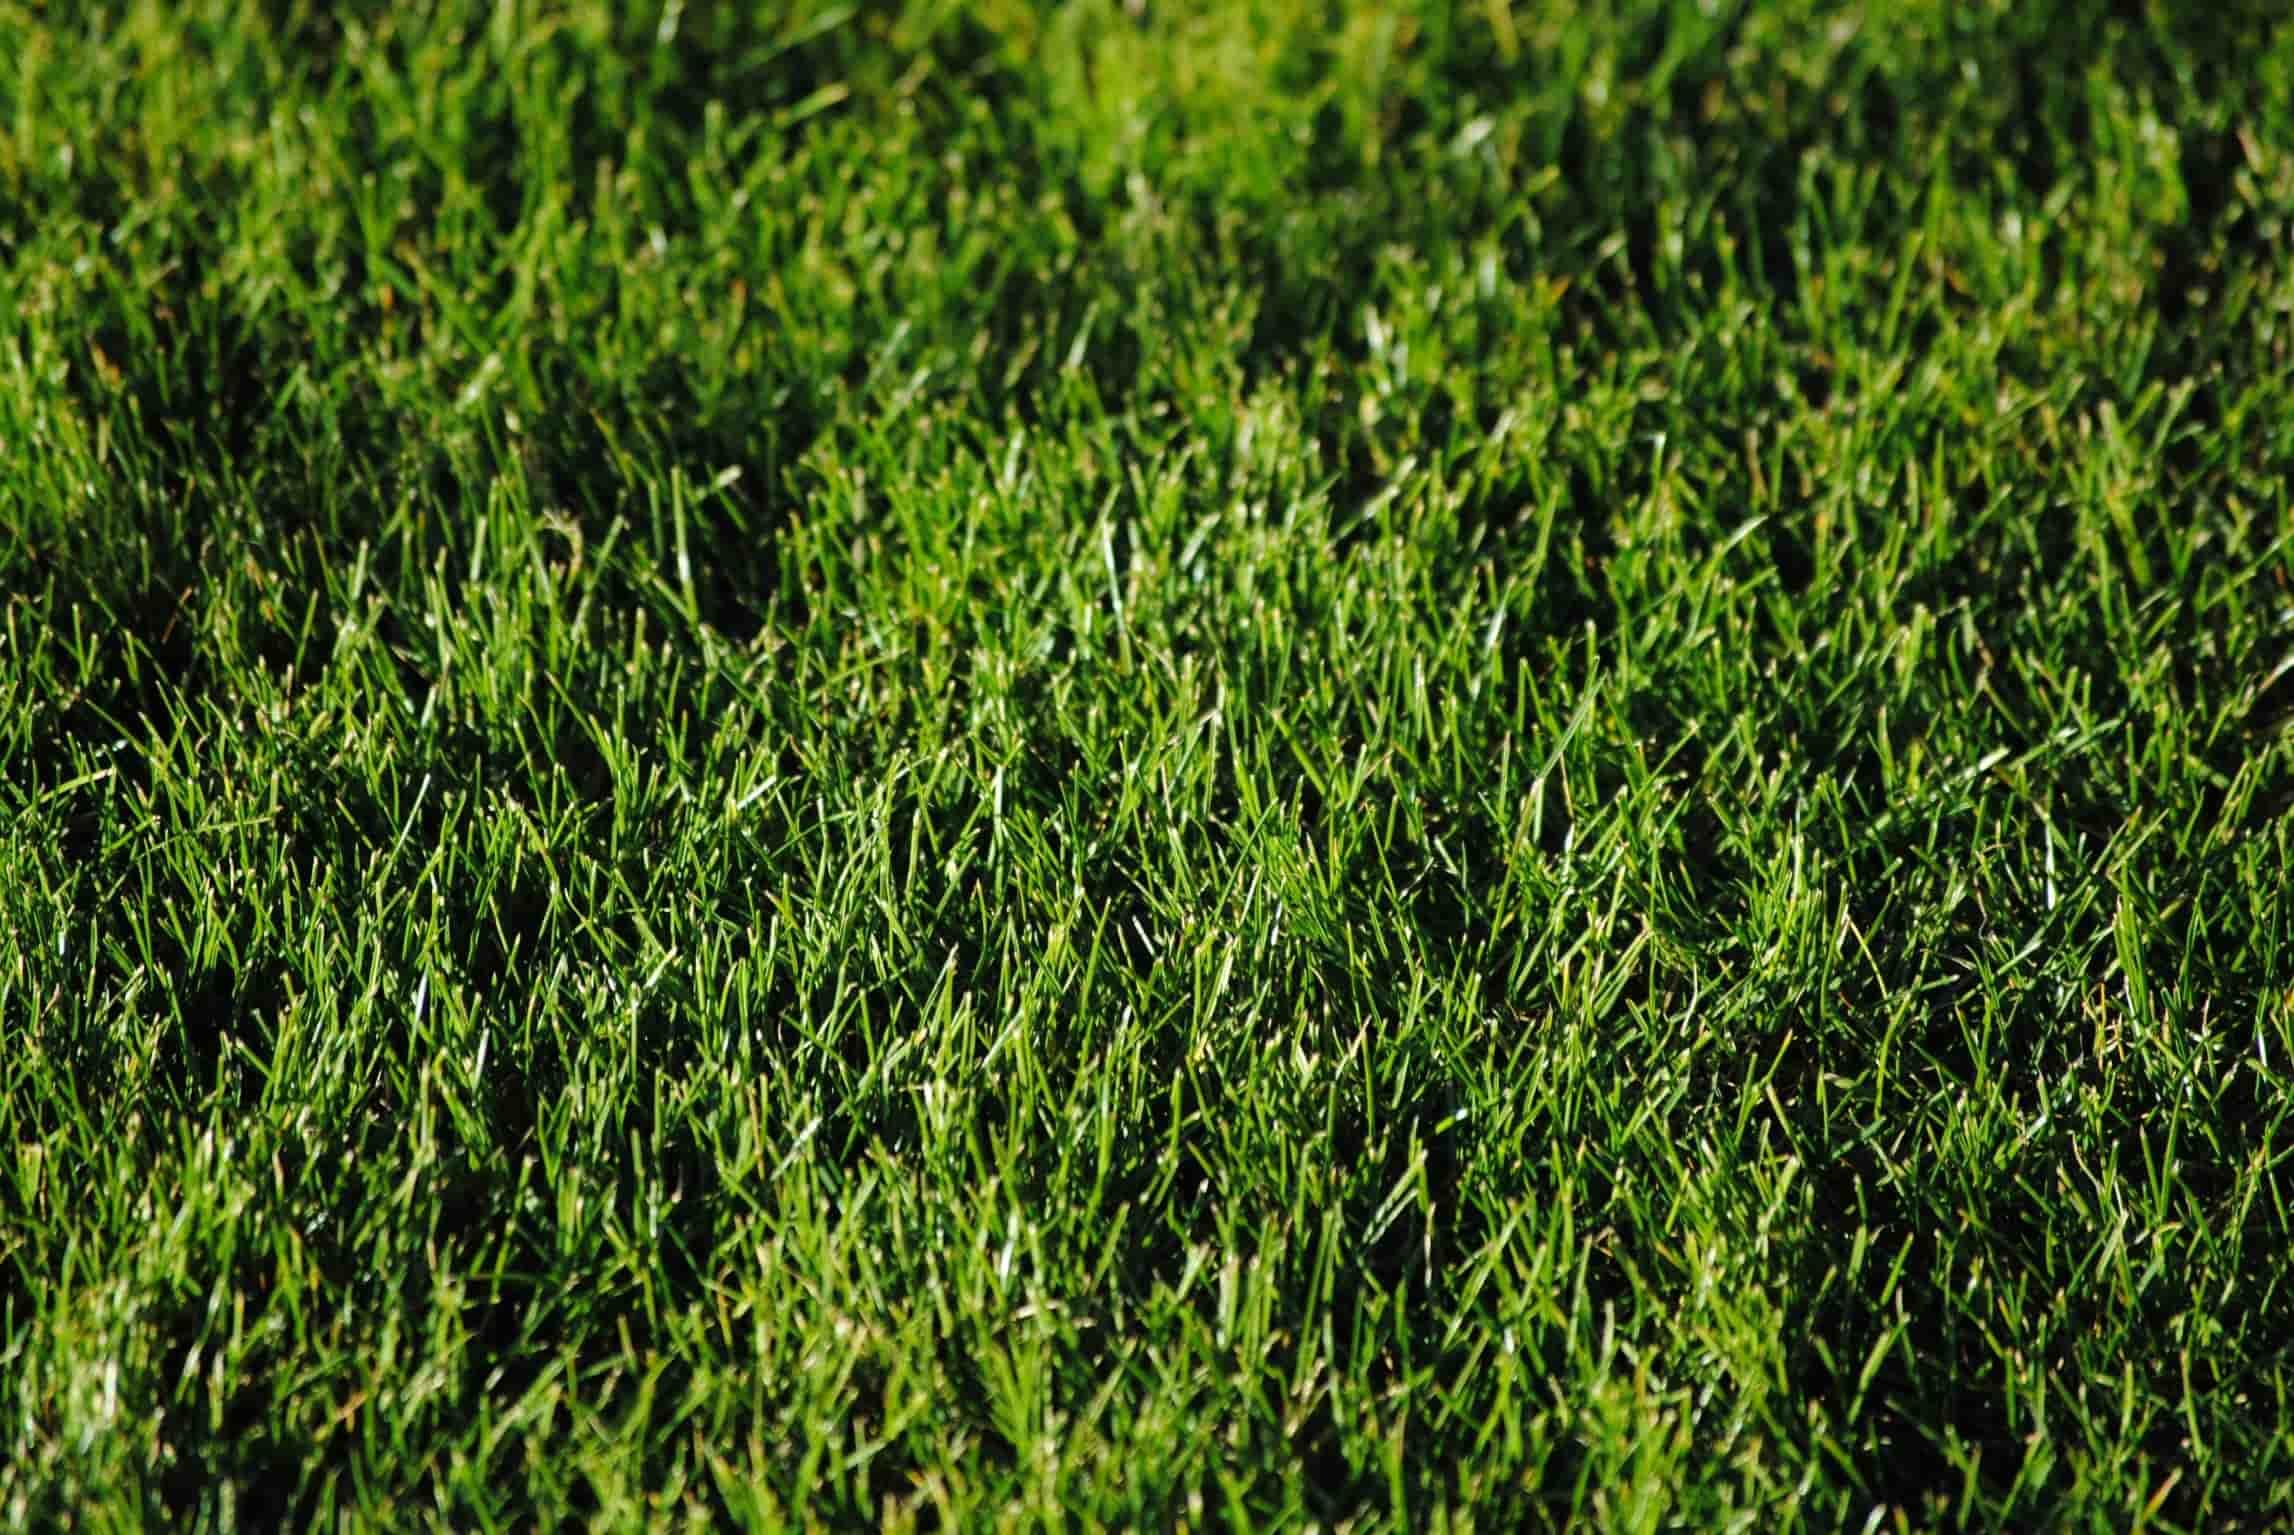 Koop een robot grasmaaier die het maaiwerk voor je doet